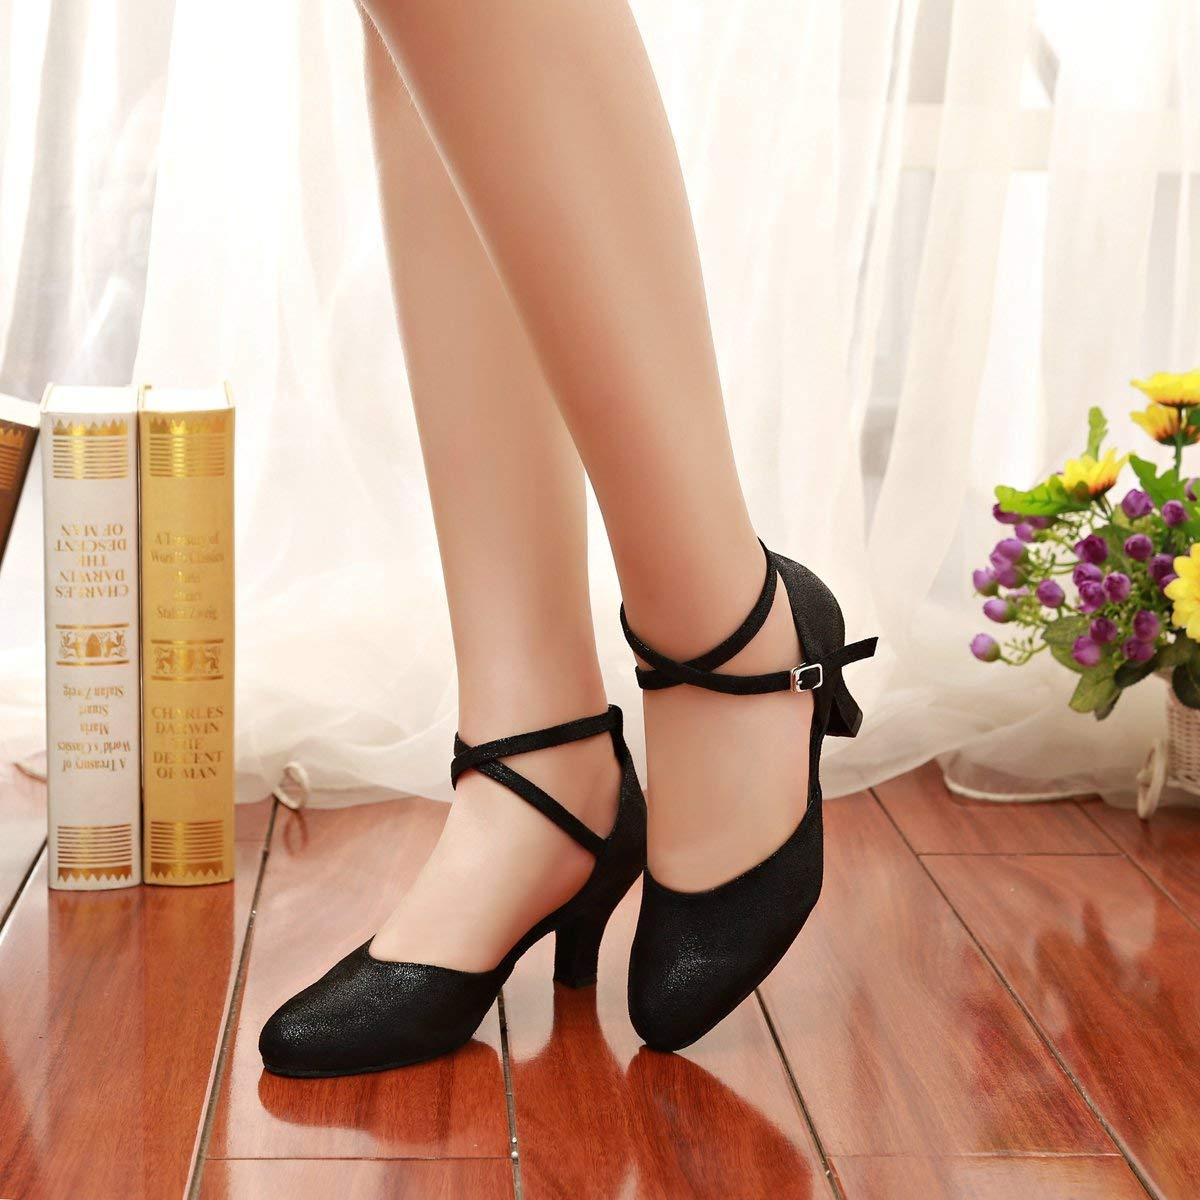 Fuxitoggo Mädchen Damen Knöchelriemen Schwarz Glitter Latin Dance Dance Dance Schuhe Hochzeit Pumps UK 6.5 (Farbe   -, Größe   -) 8a88ad